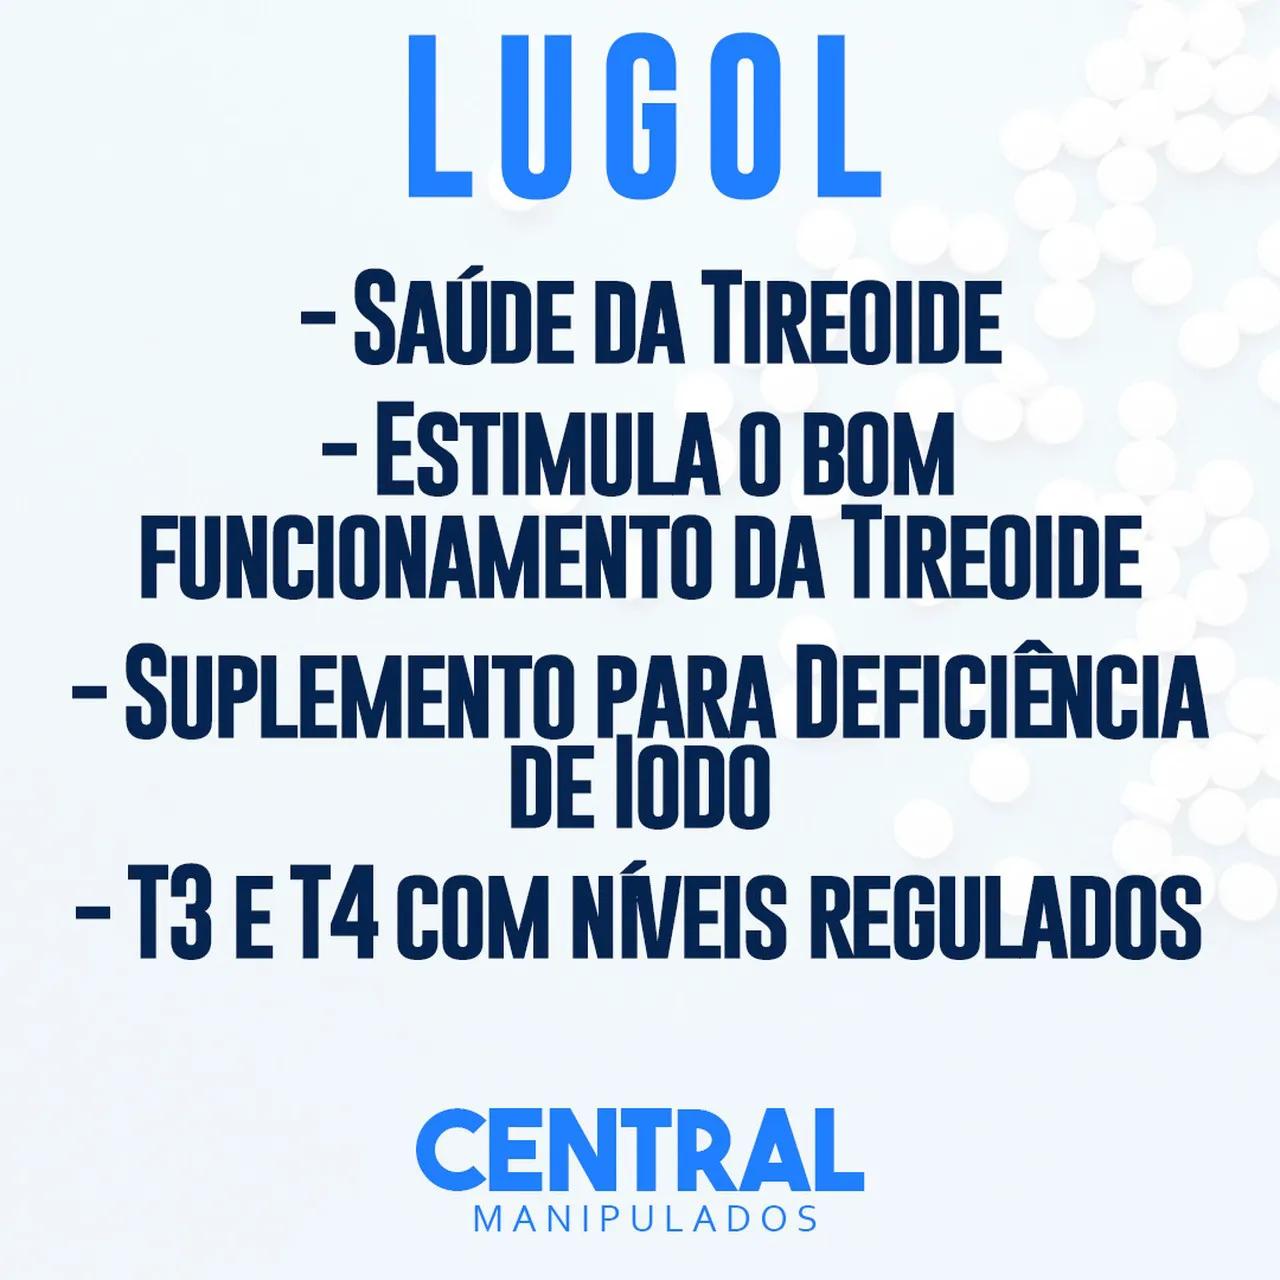 Selênio 200mcg 60 cápsulas + Solução de Lugol Forte 30ml (frasco âmbar de vidro)